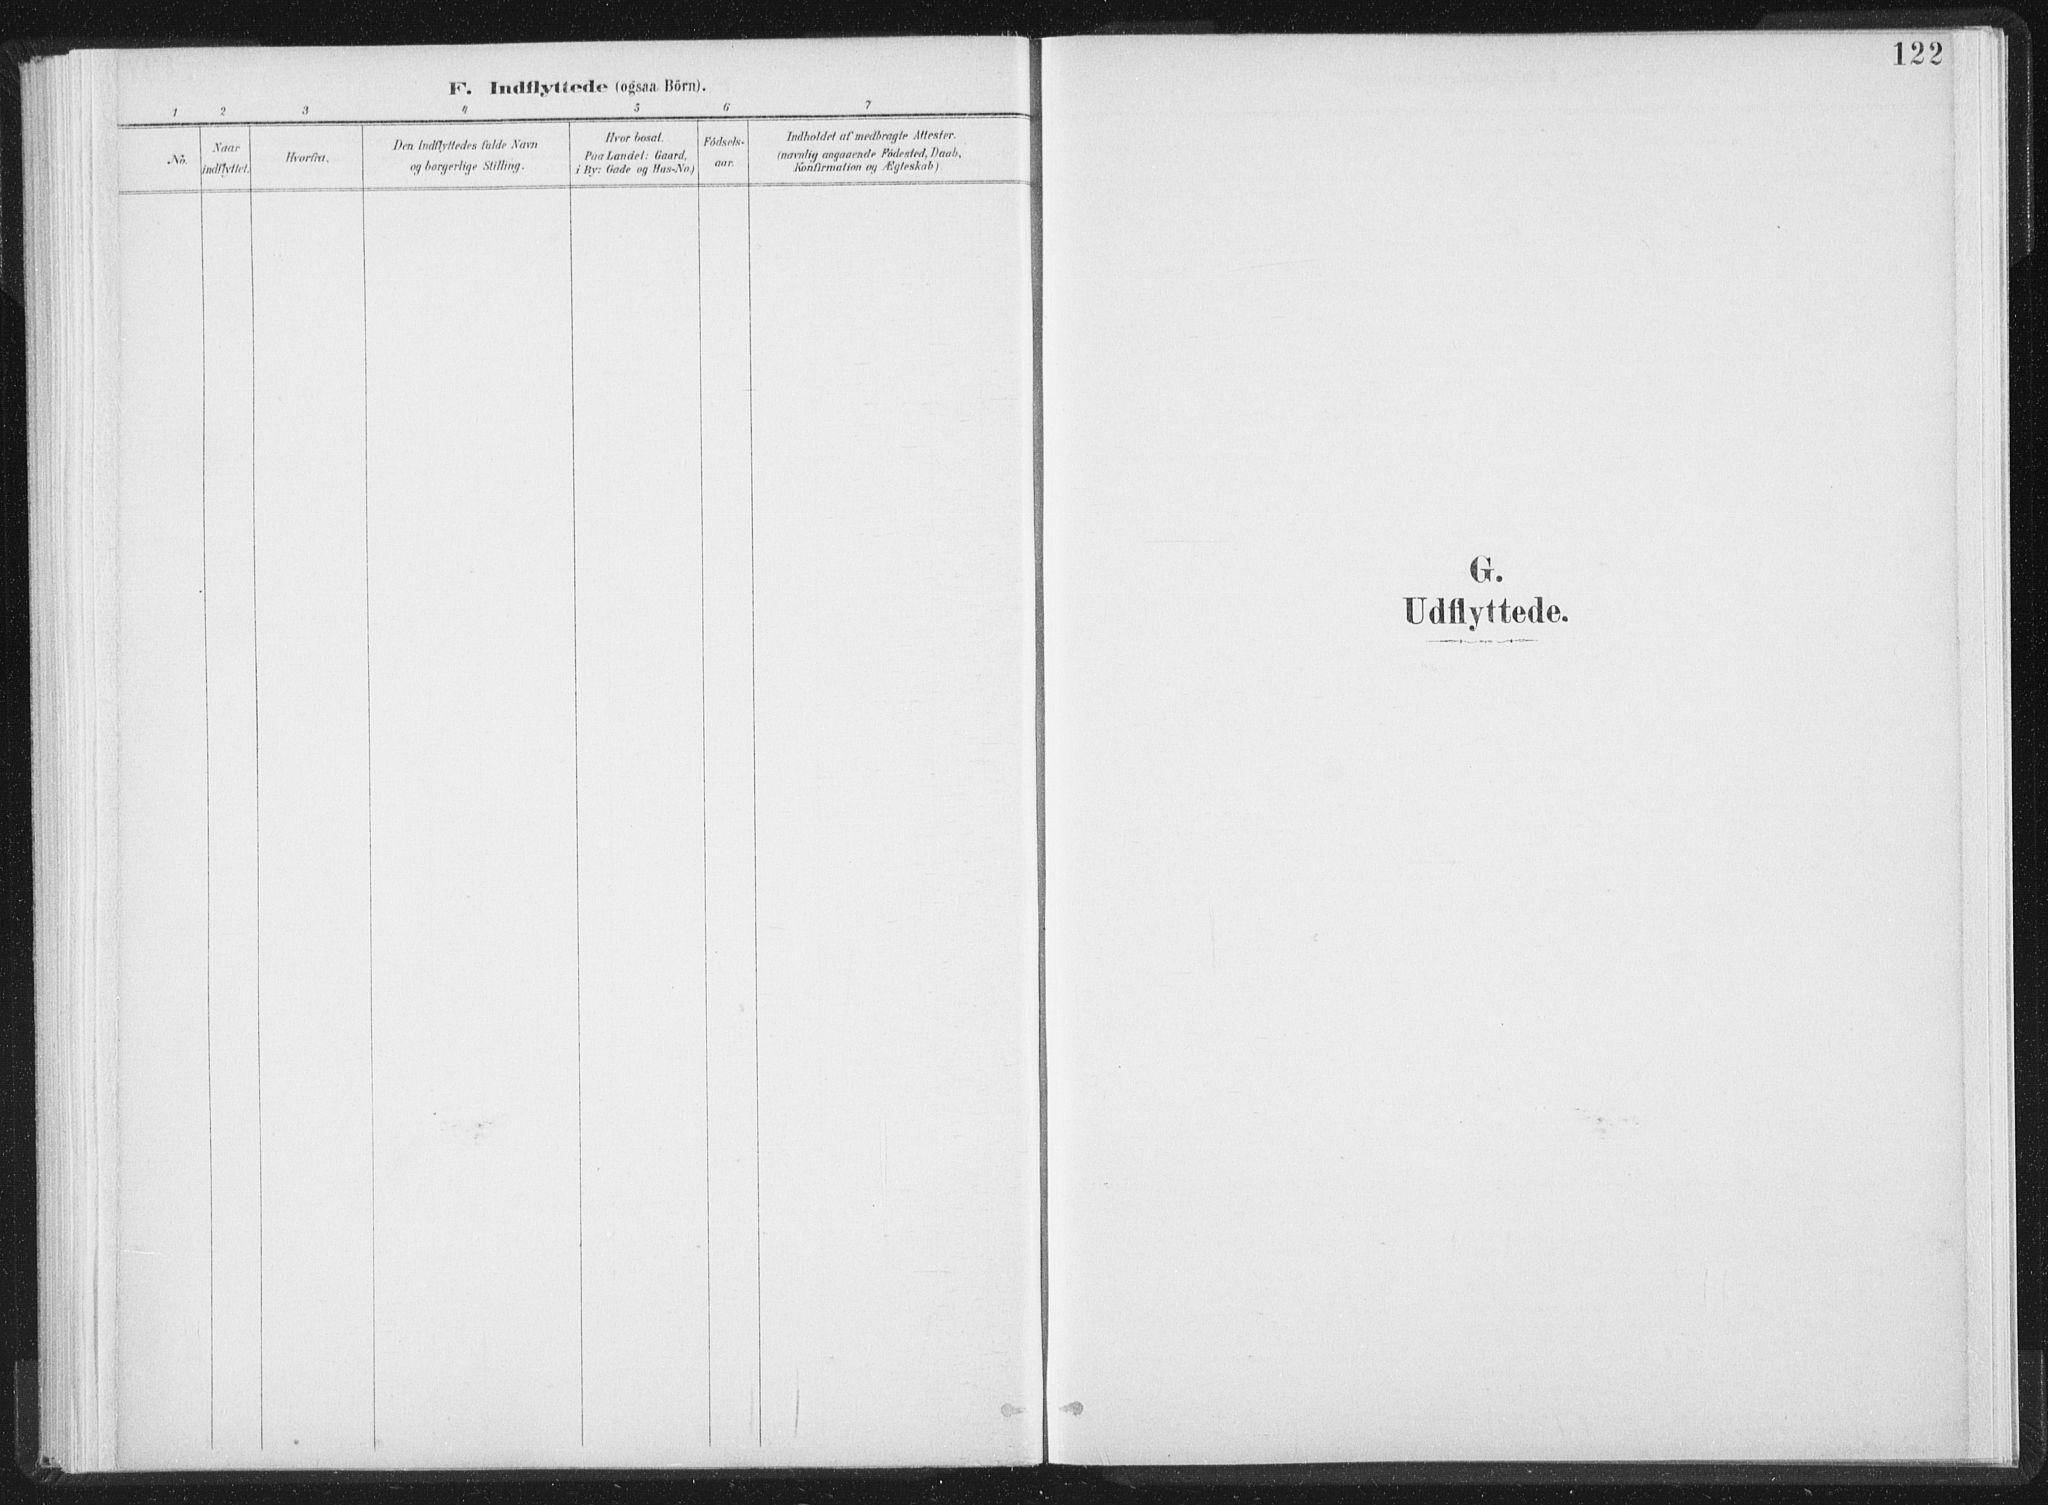 SAT, Ministerialprotokoller, klokkerbøker og fødselsregistre - Nord-Trøndelag, 724/L0263: Ministerialbok nr. 724A01, 1891-1907, s. 122